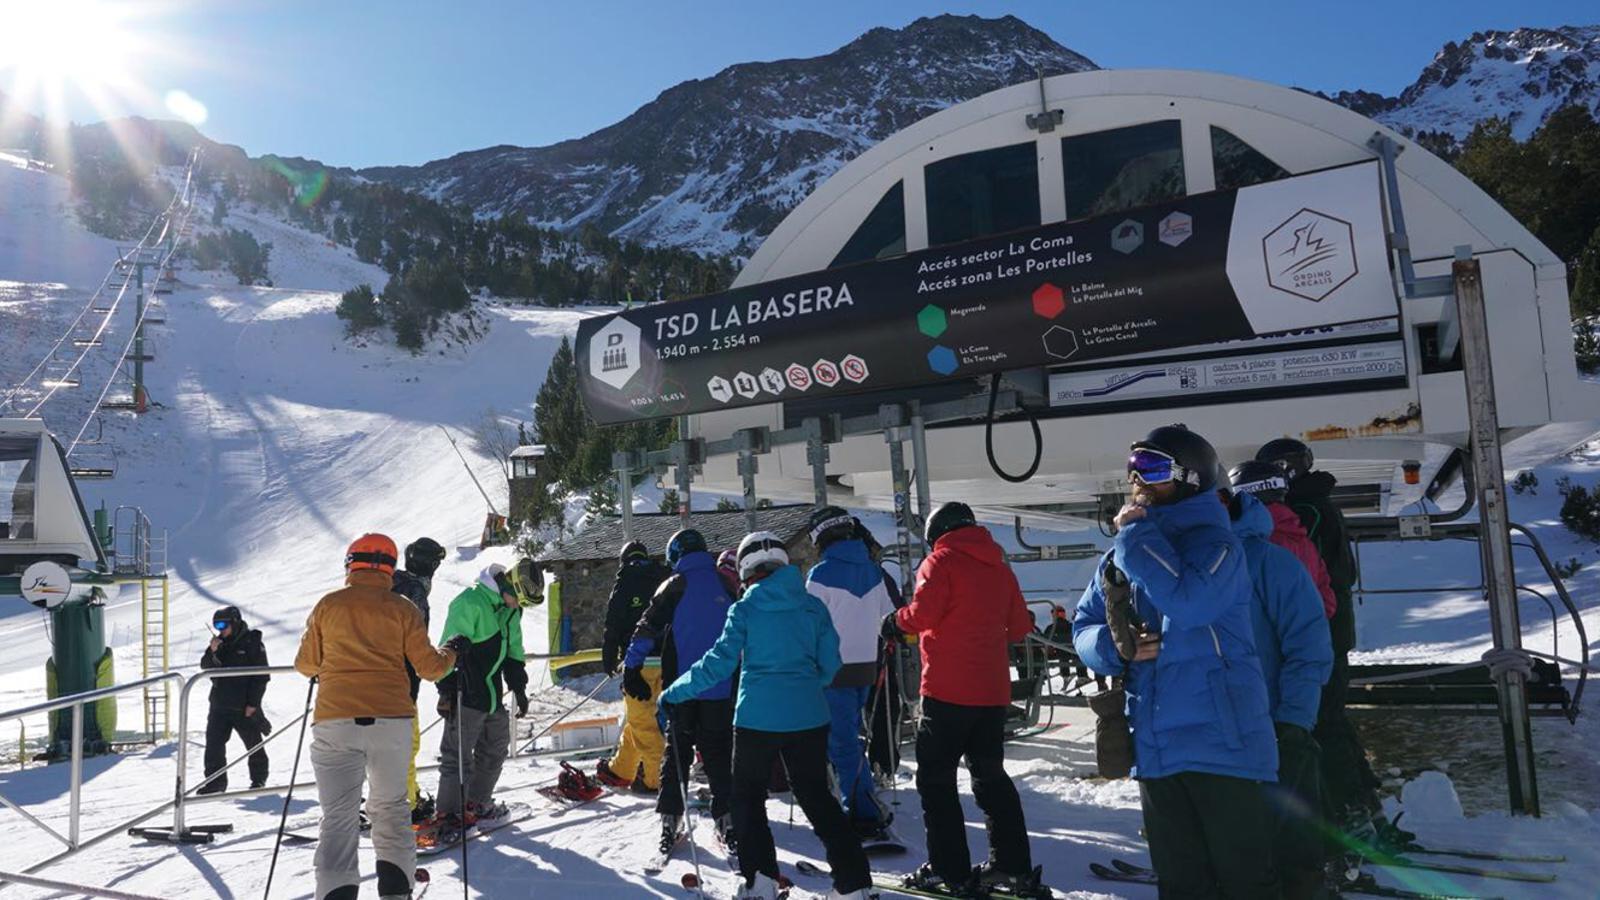 Un grup d'esquiadors aquest cap de setmana a Vallnord- Ordino Arcalís. / VALLNORD